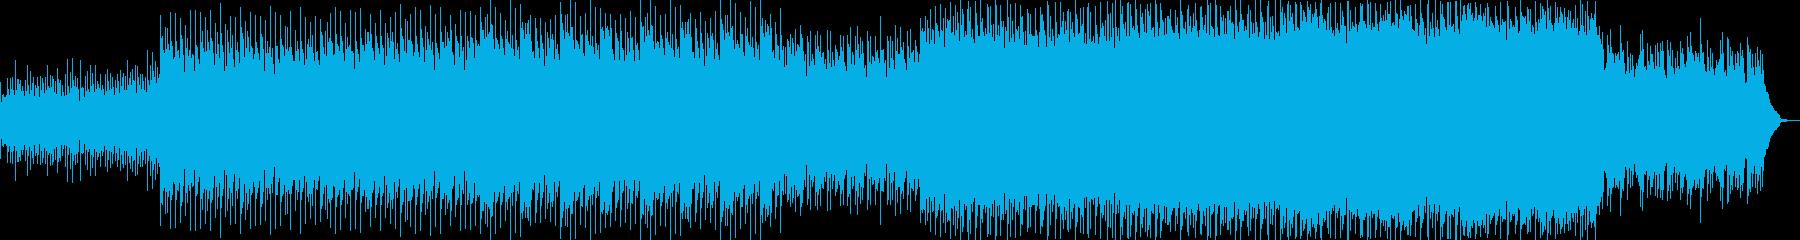 法人 技術的な 感情的 説明的 繰...の再生済みの波形